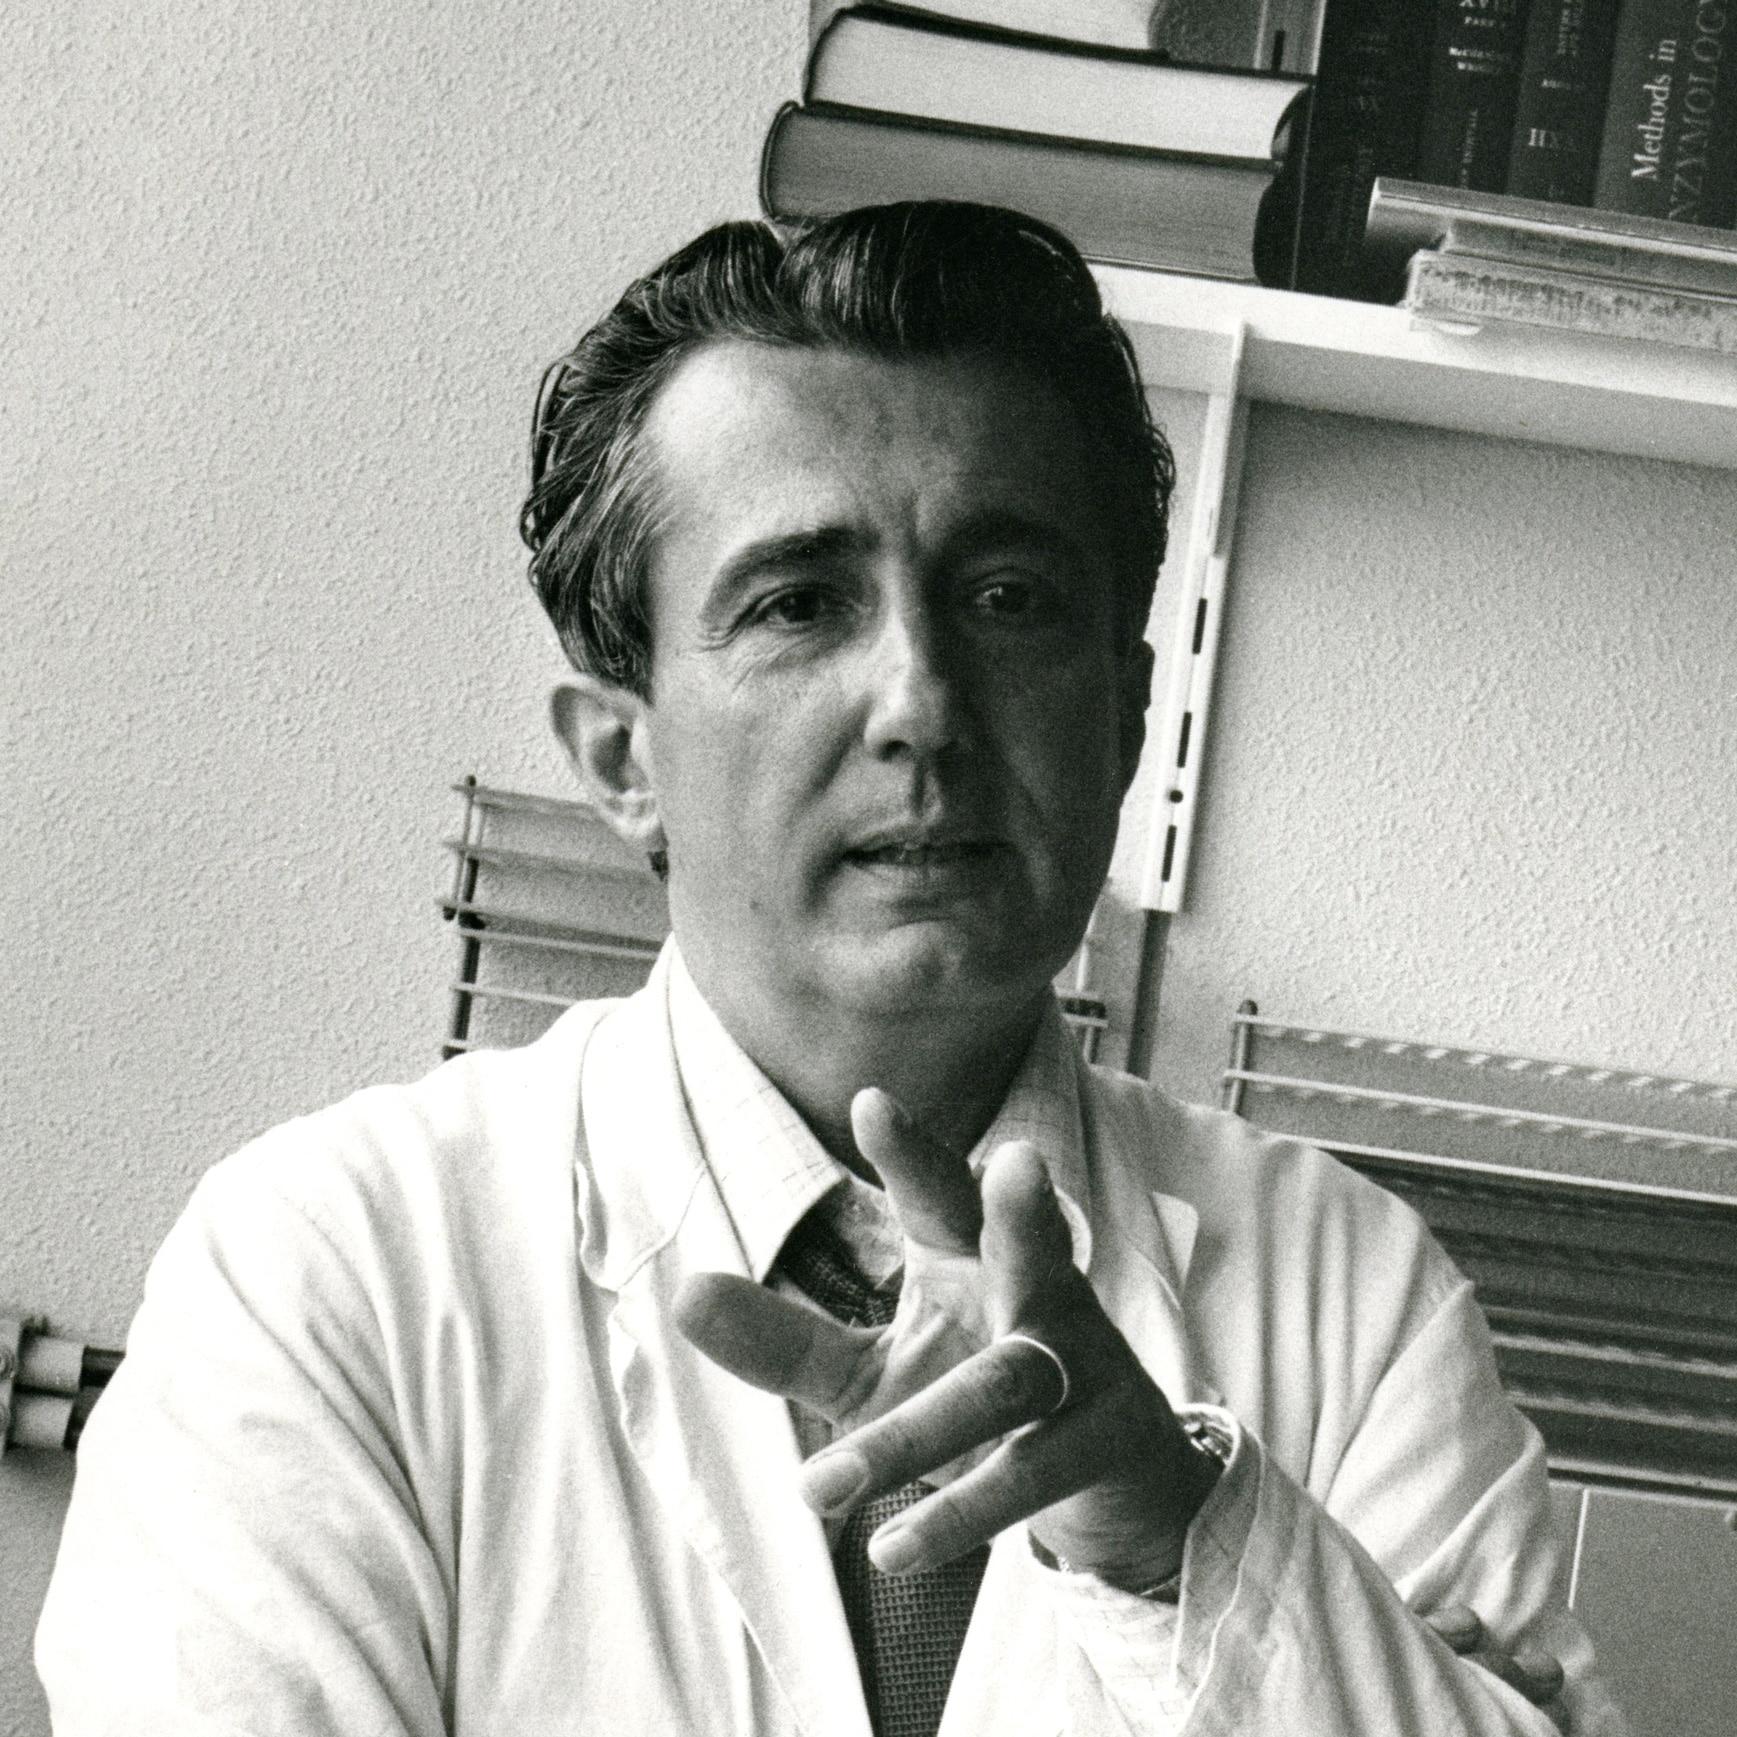 The Beljanski Foundation & Dr. Mirko Beljanski's Legacy